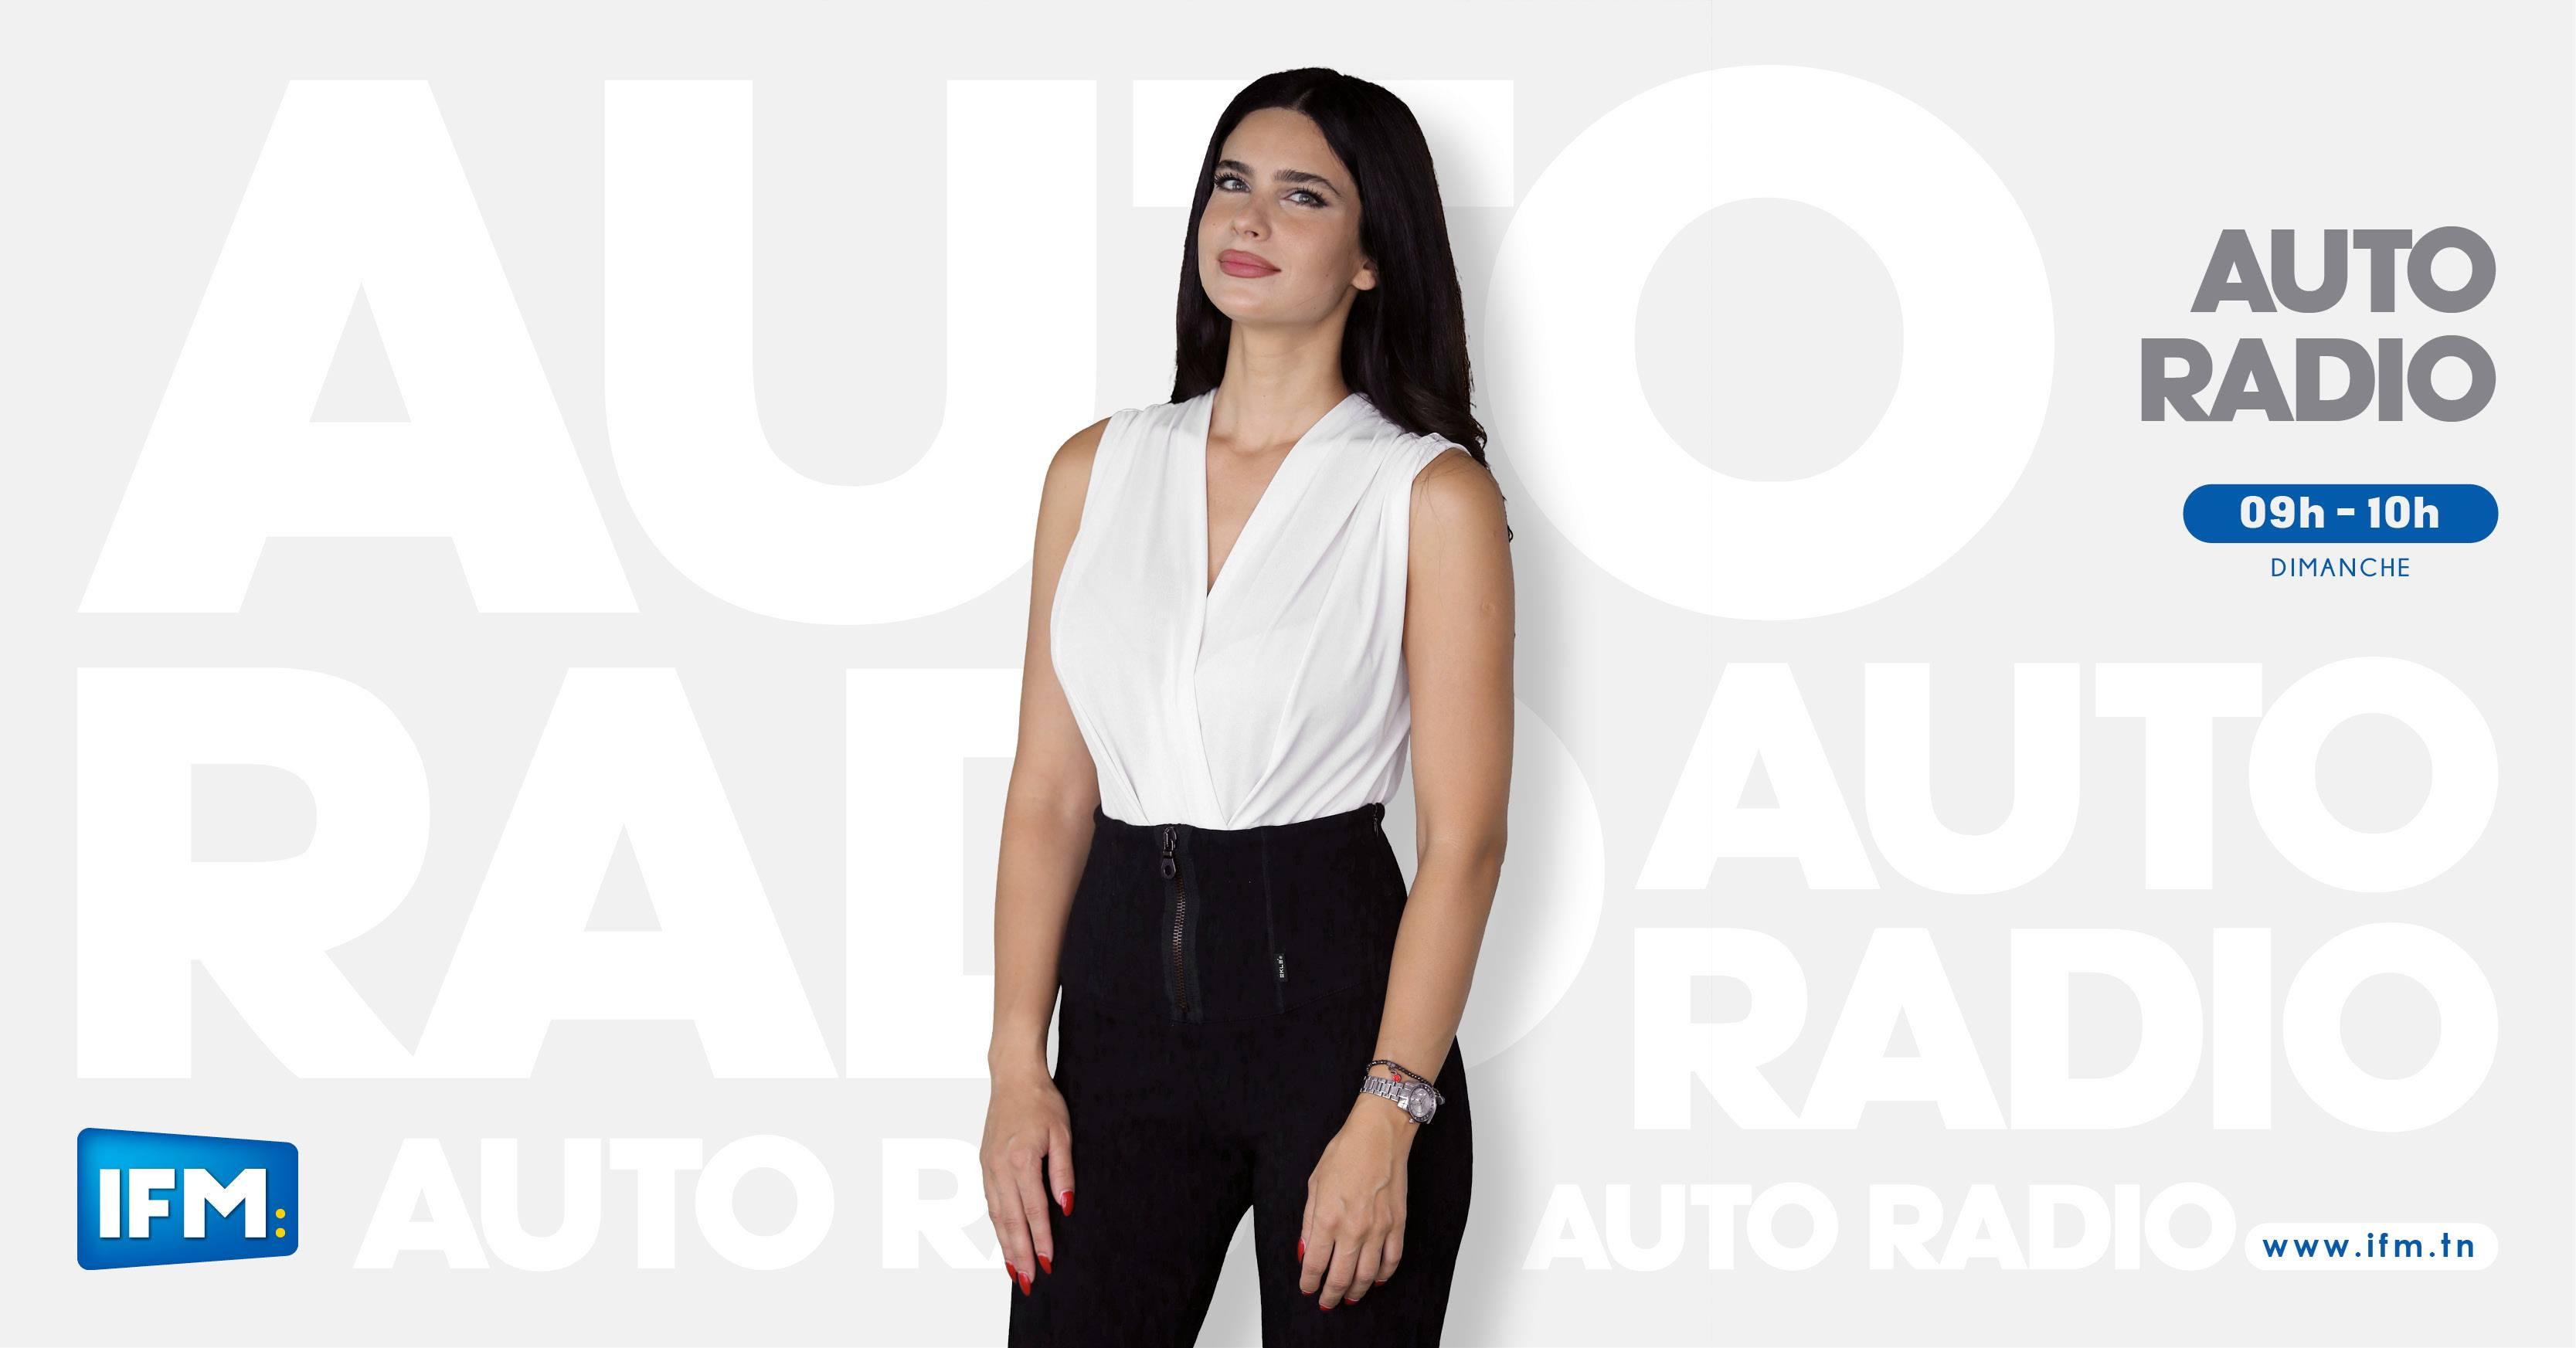 Auto راديو